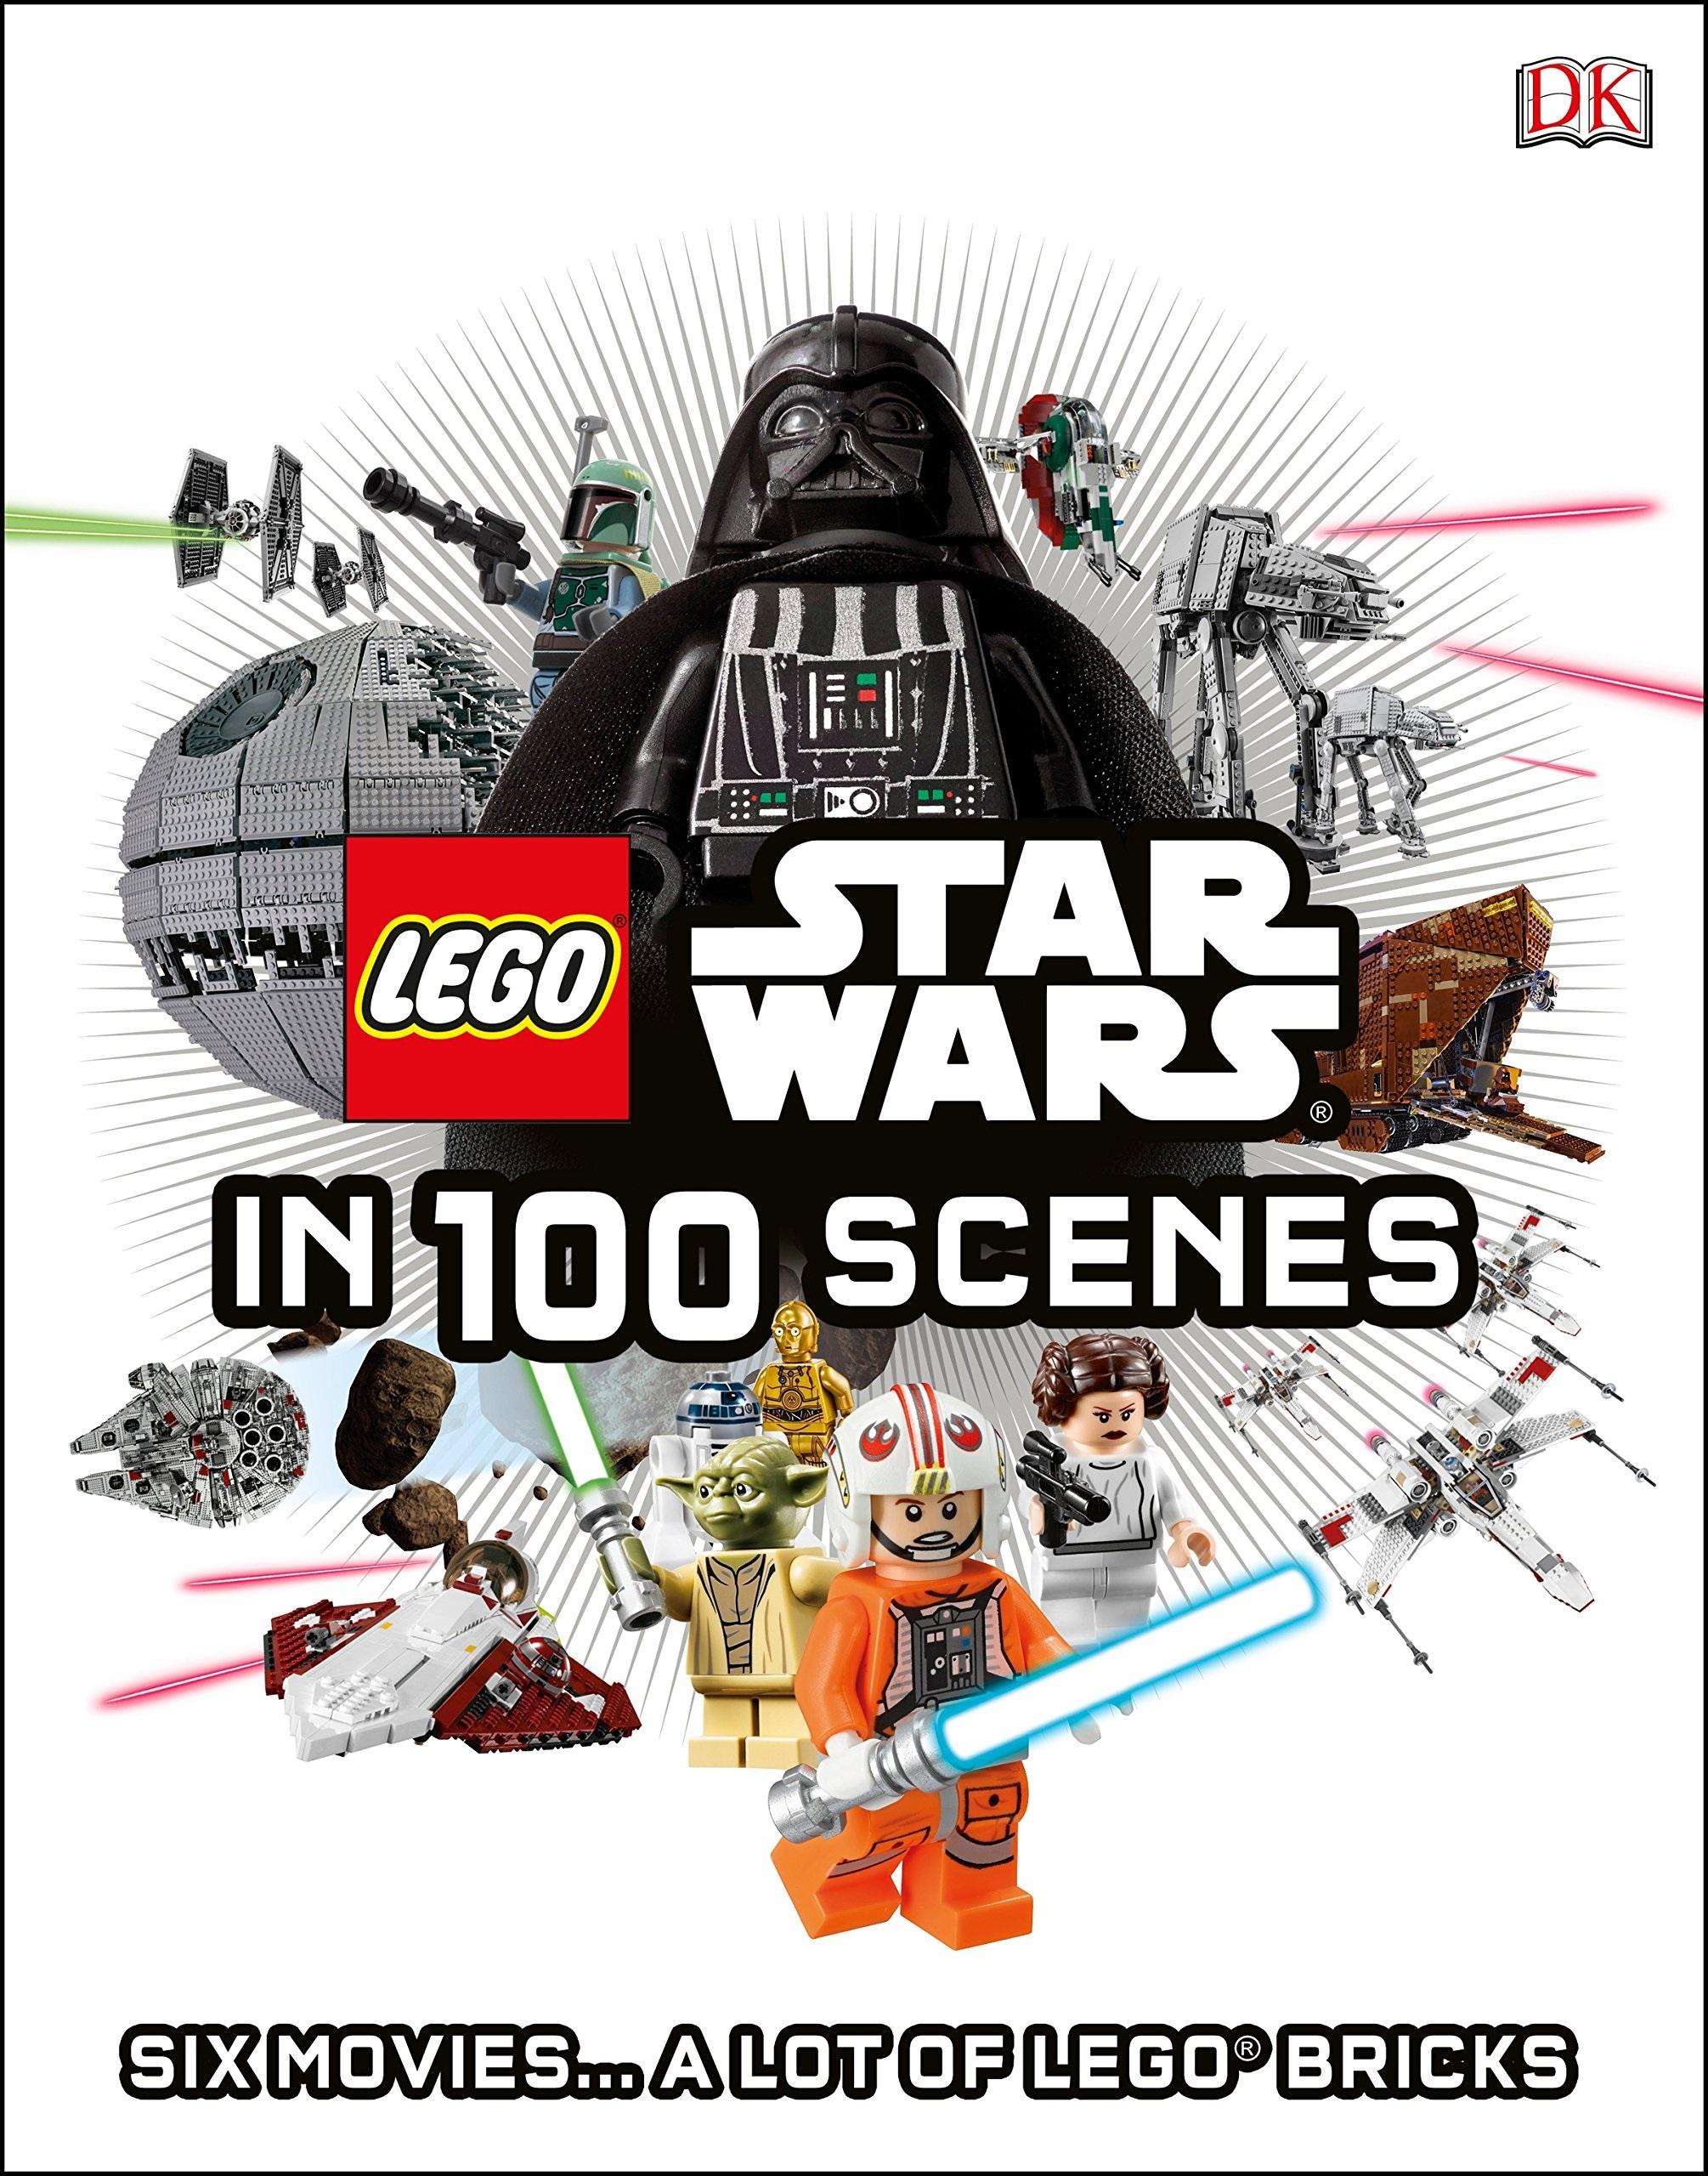 Star Wars Lego in 100 scene